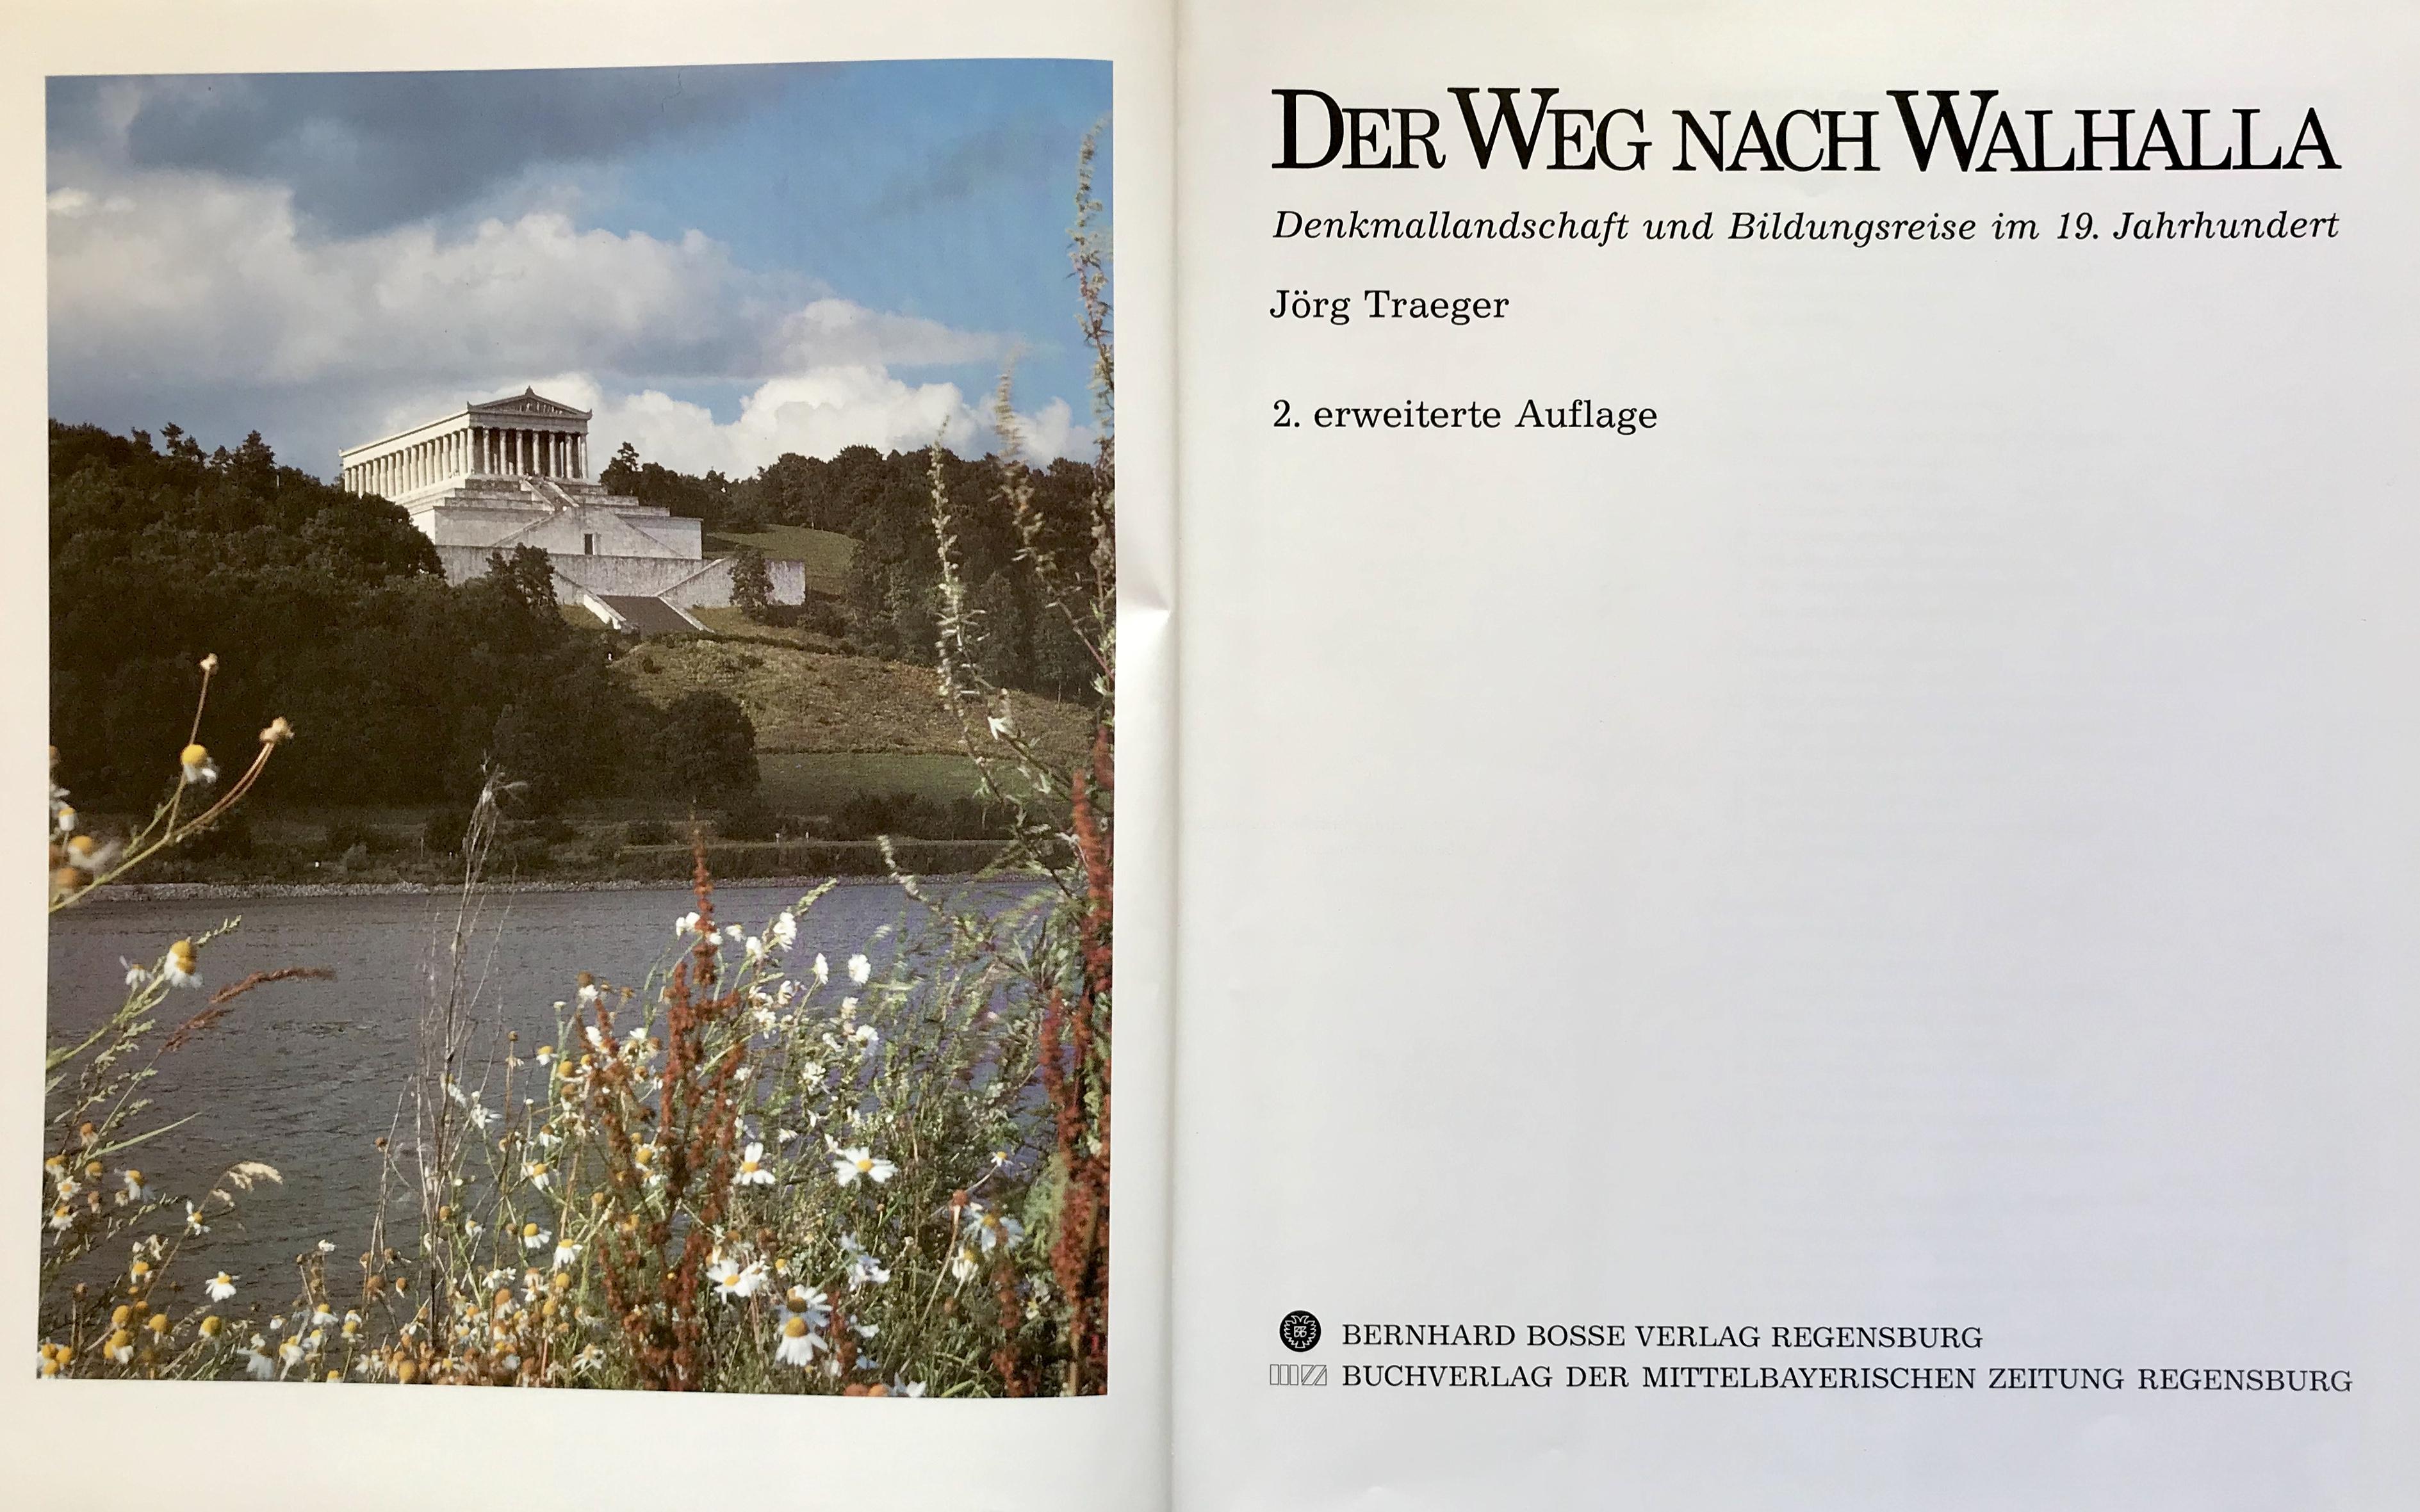 Der Weg nach Walhalla - Jörg Traeger 1991